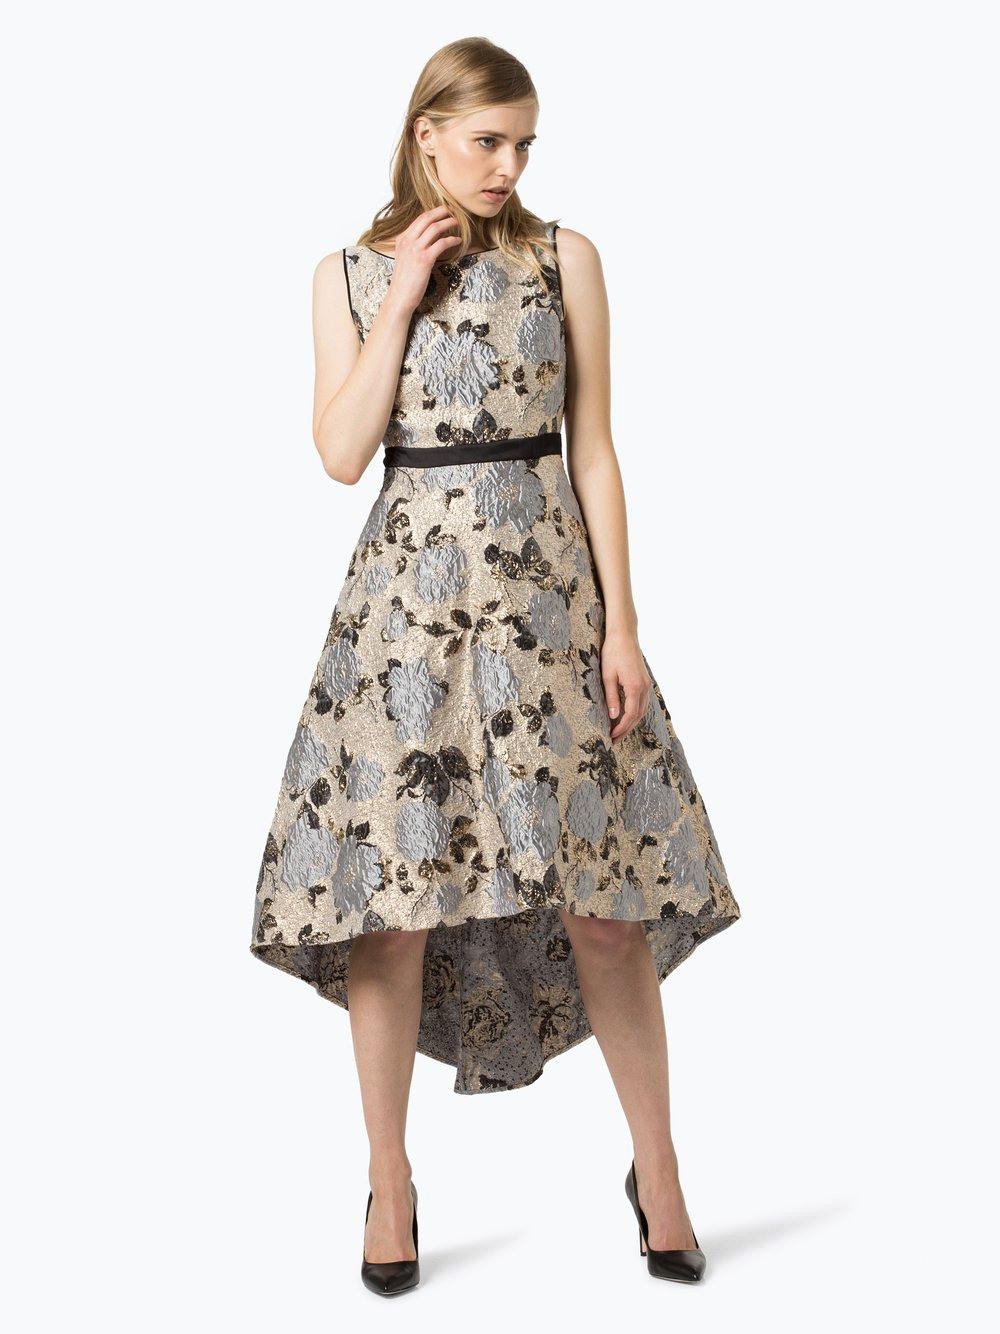 10 Einfach Marie Lund Damen Abendkleid für 201920 Spektakulär Marie Lund Damen Abendkleid Design